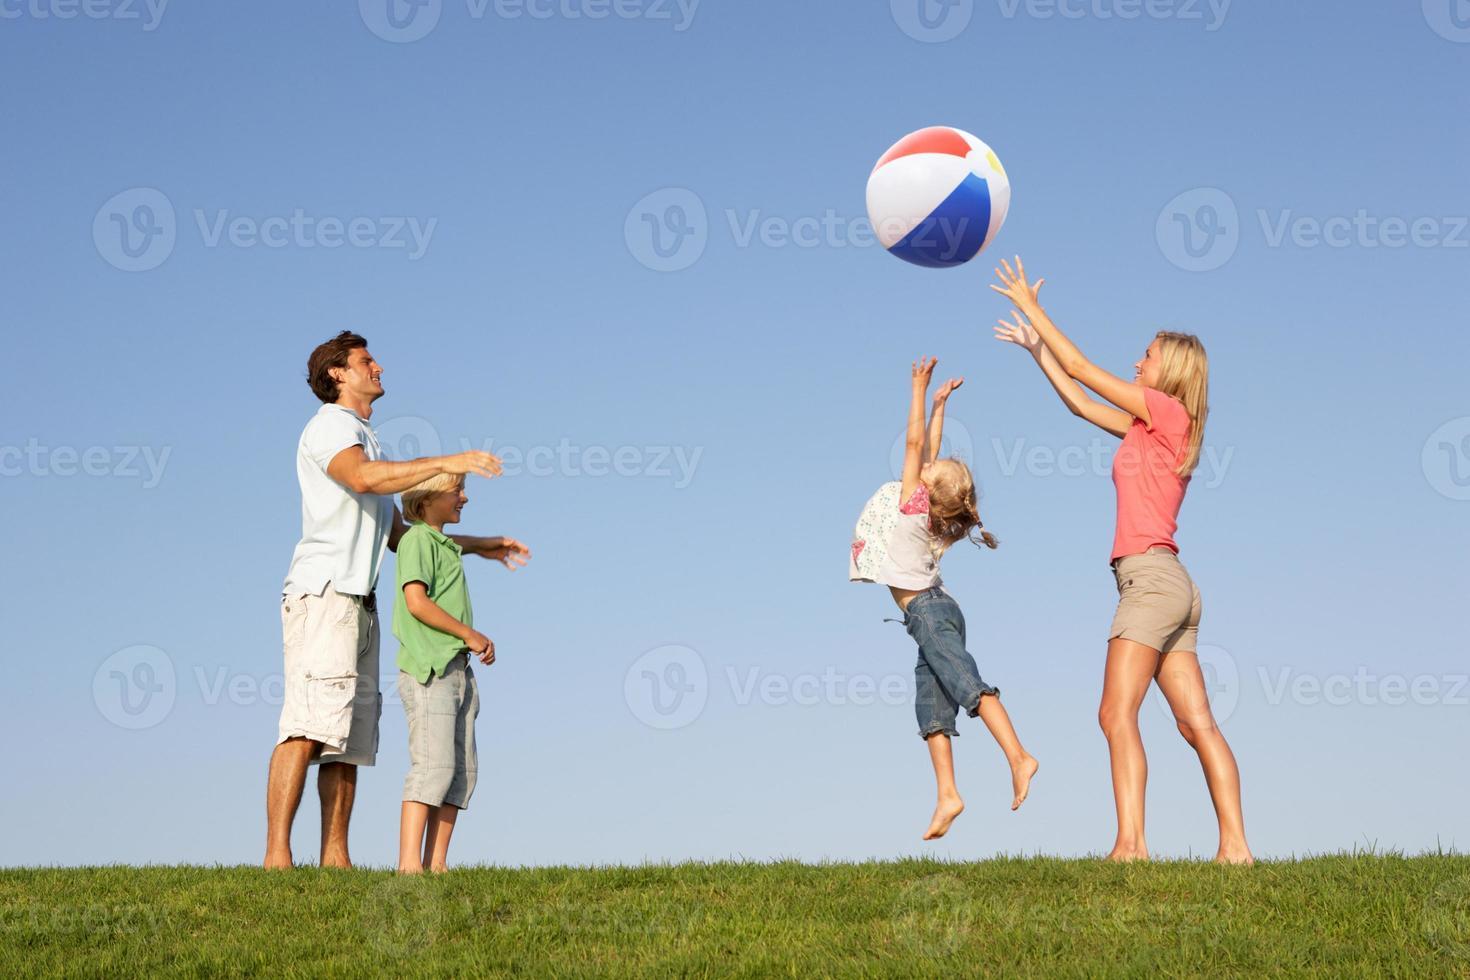 jeune famille jouant dans un champ photo